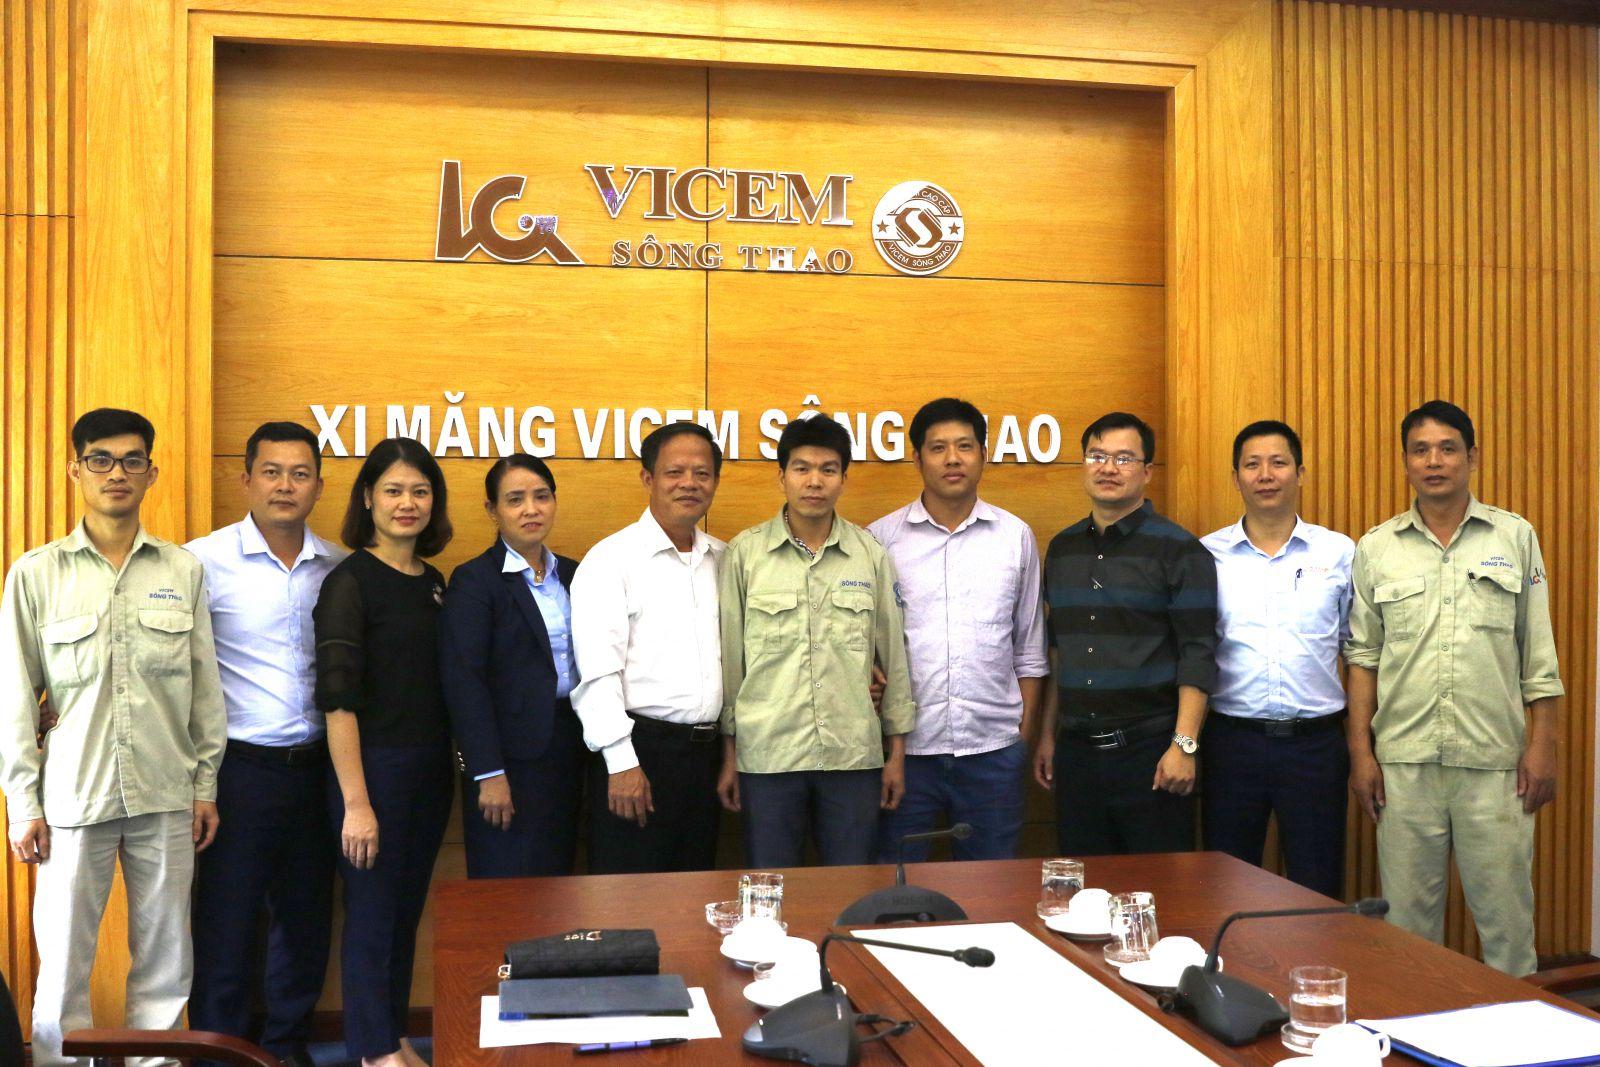 Lê Quang Tân - Tấm gương sáng trong phong trào học tập và làm theo  tư tưởng, đạo đức, phong cách Chủ tịch Hồ Chí Minh